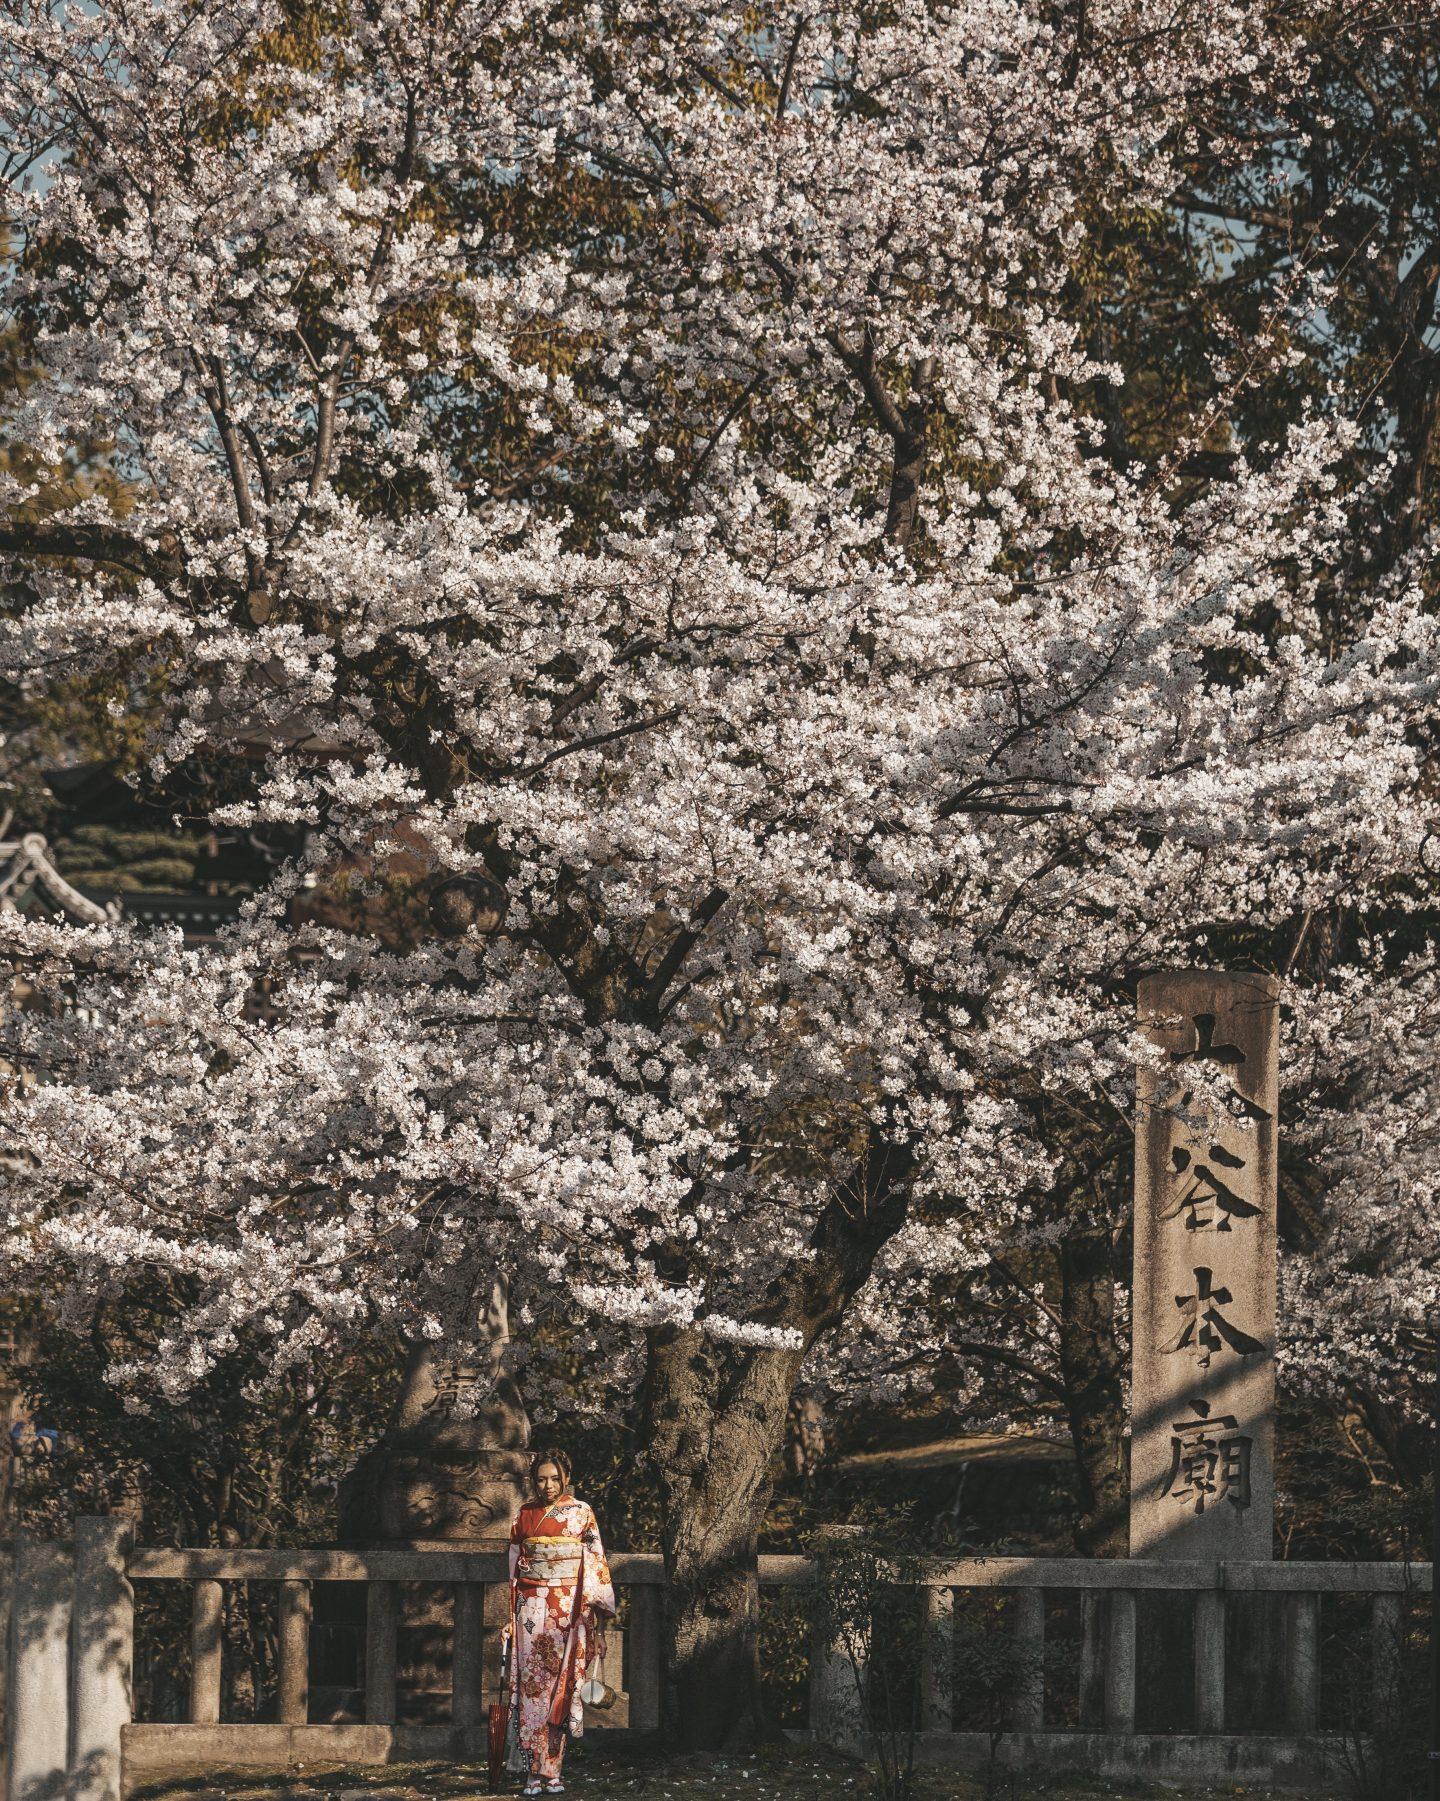 shinogyo ward kytoto cherry blossoms